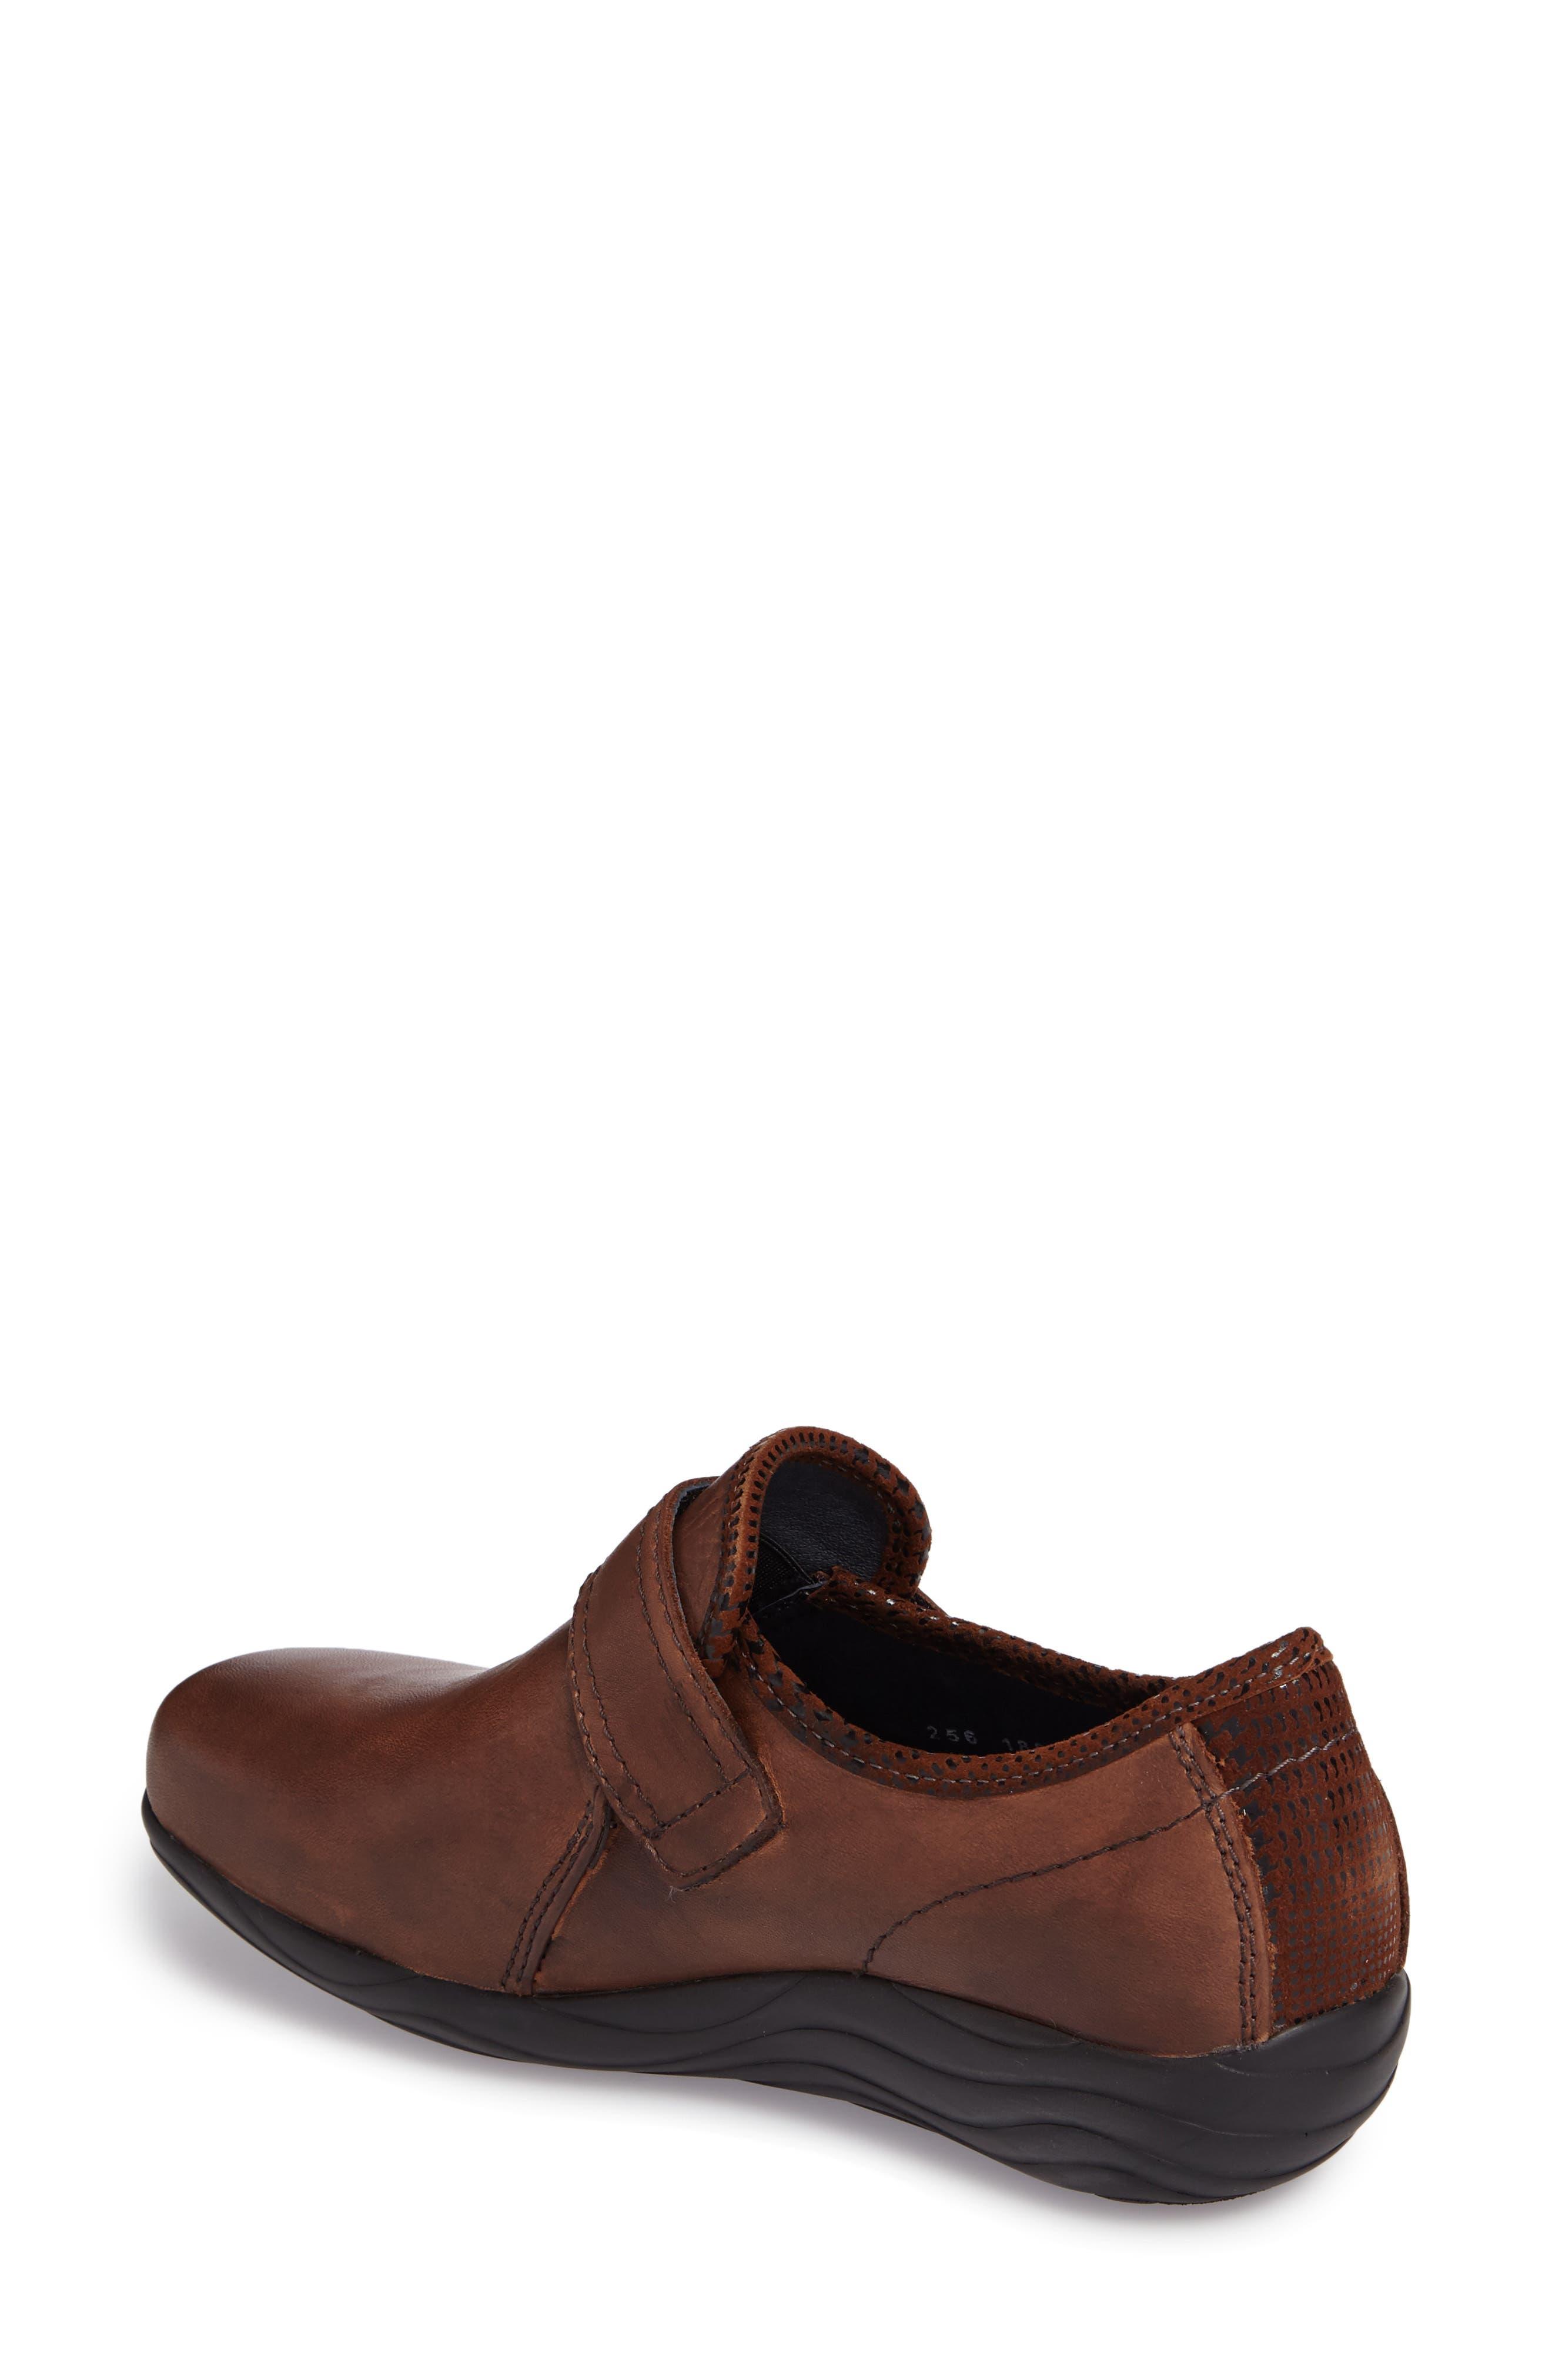 Alternate Image 2  - Wolky Desna Slip-On Sneaker (Women)